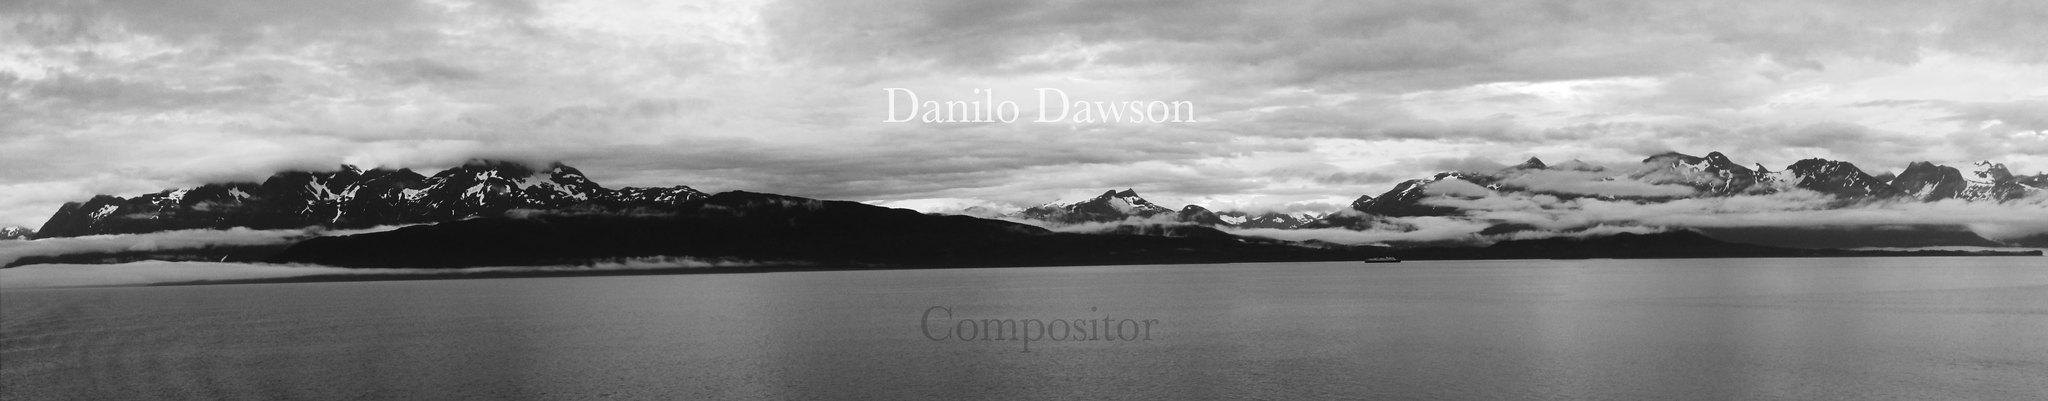 Danilo Dawson / Compositor